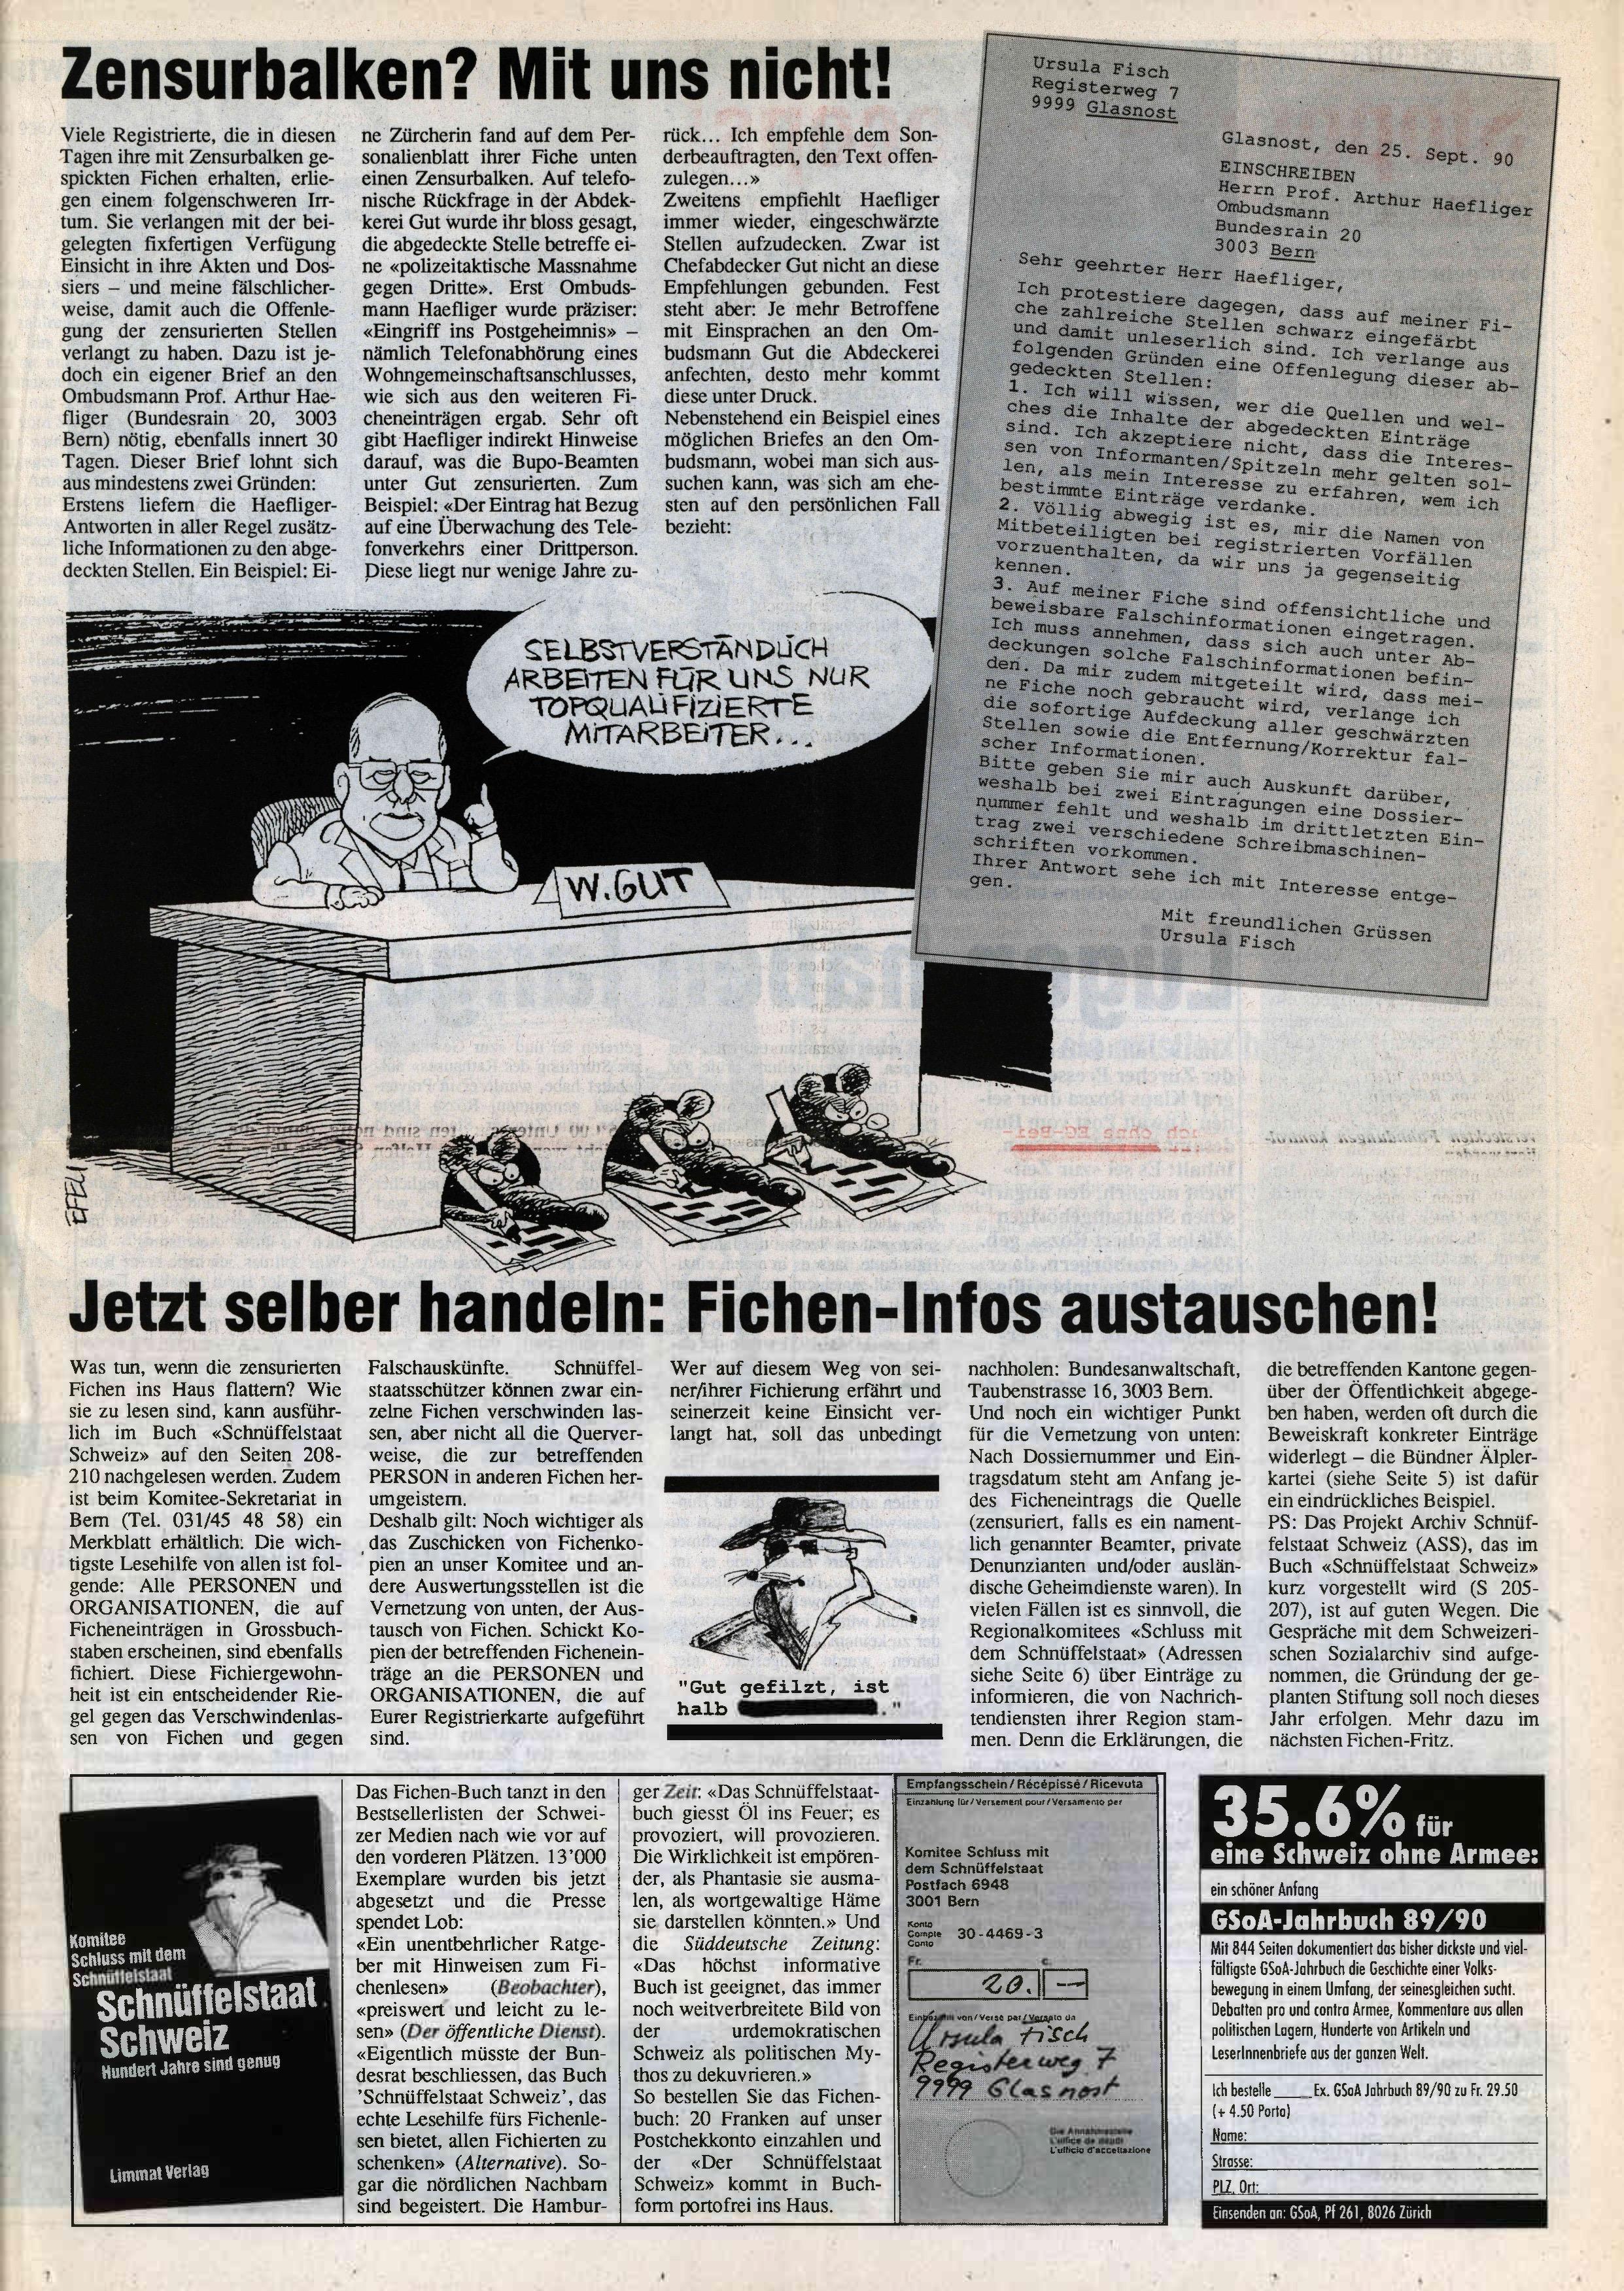 FICHEN FRITZ NR. 3 - SEITE 3